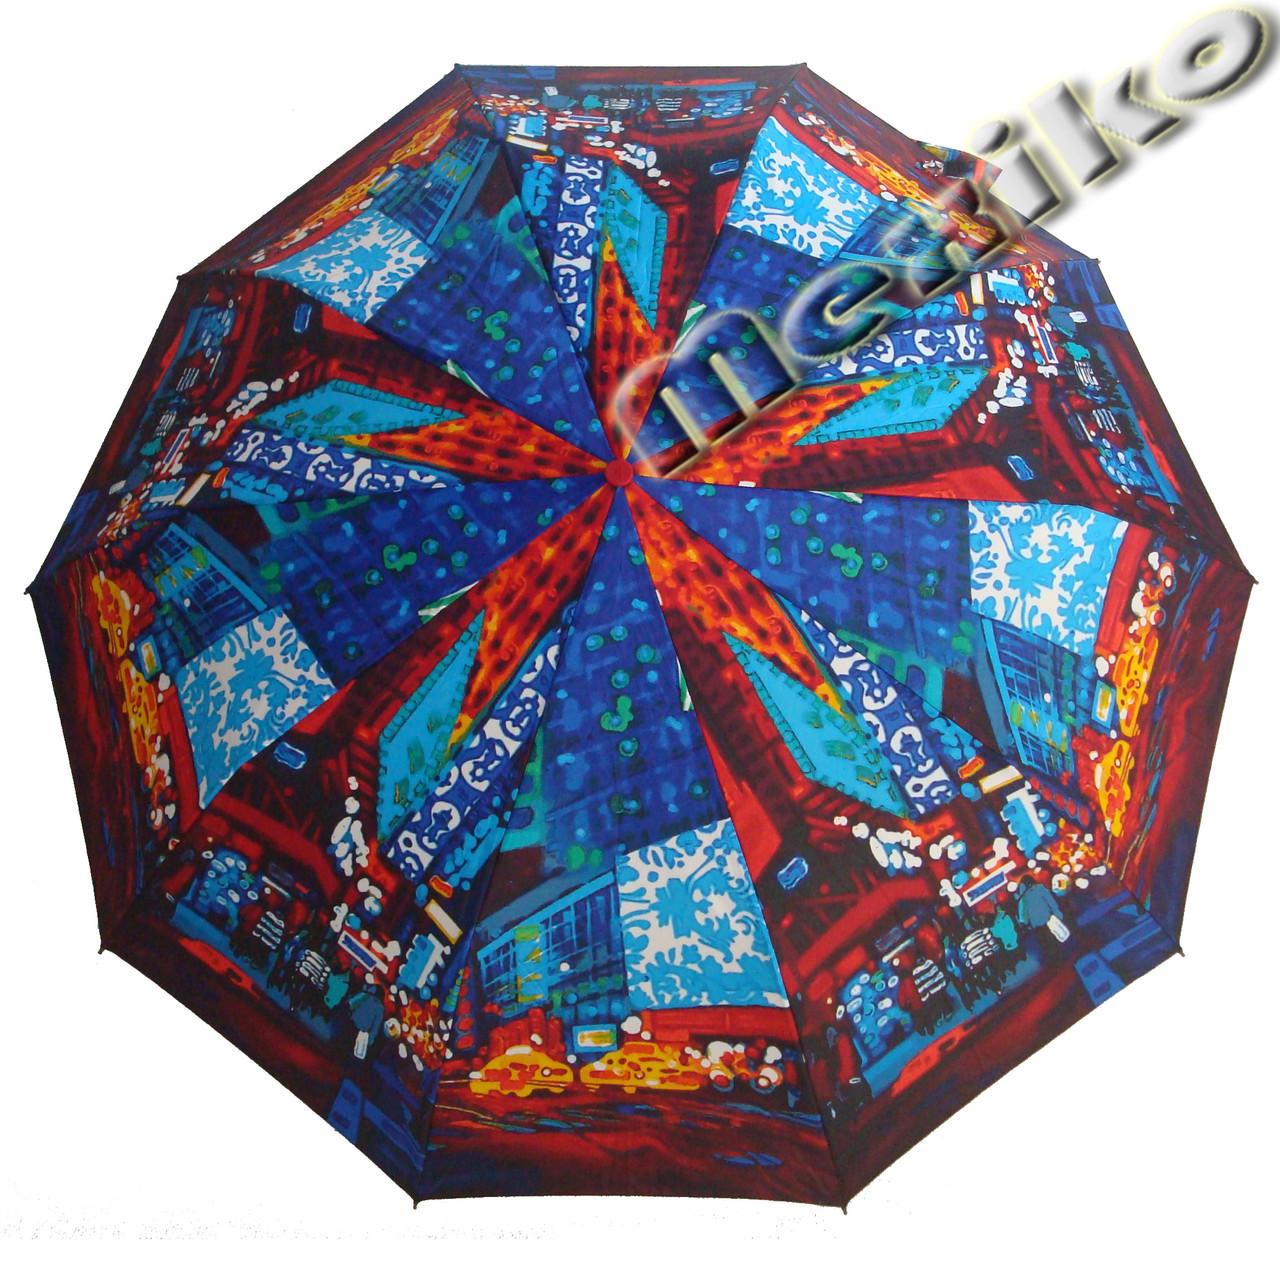 Зонт ZEST, полный автомат серия 10 спиц, расцветка Ночной город